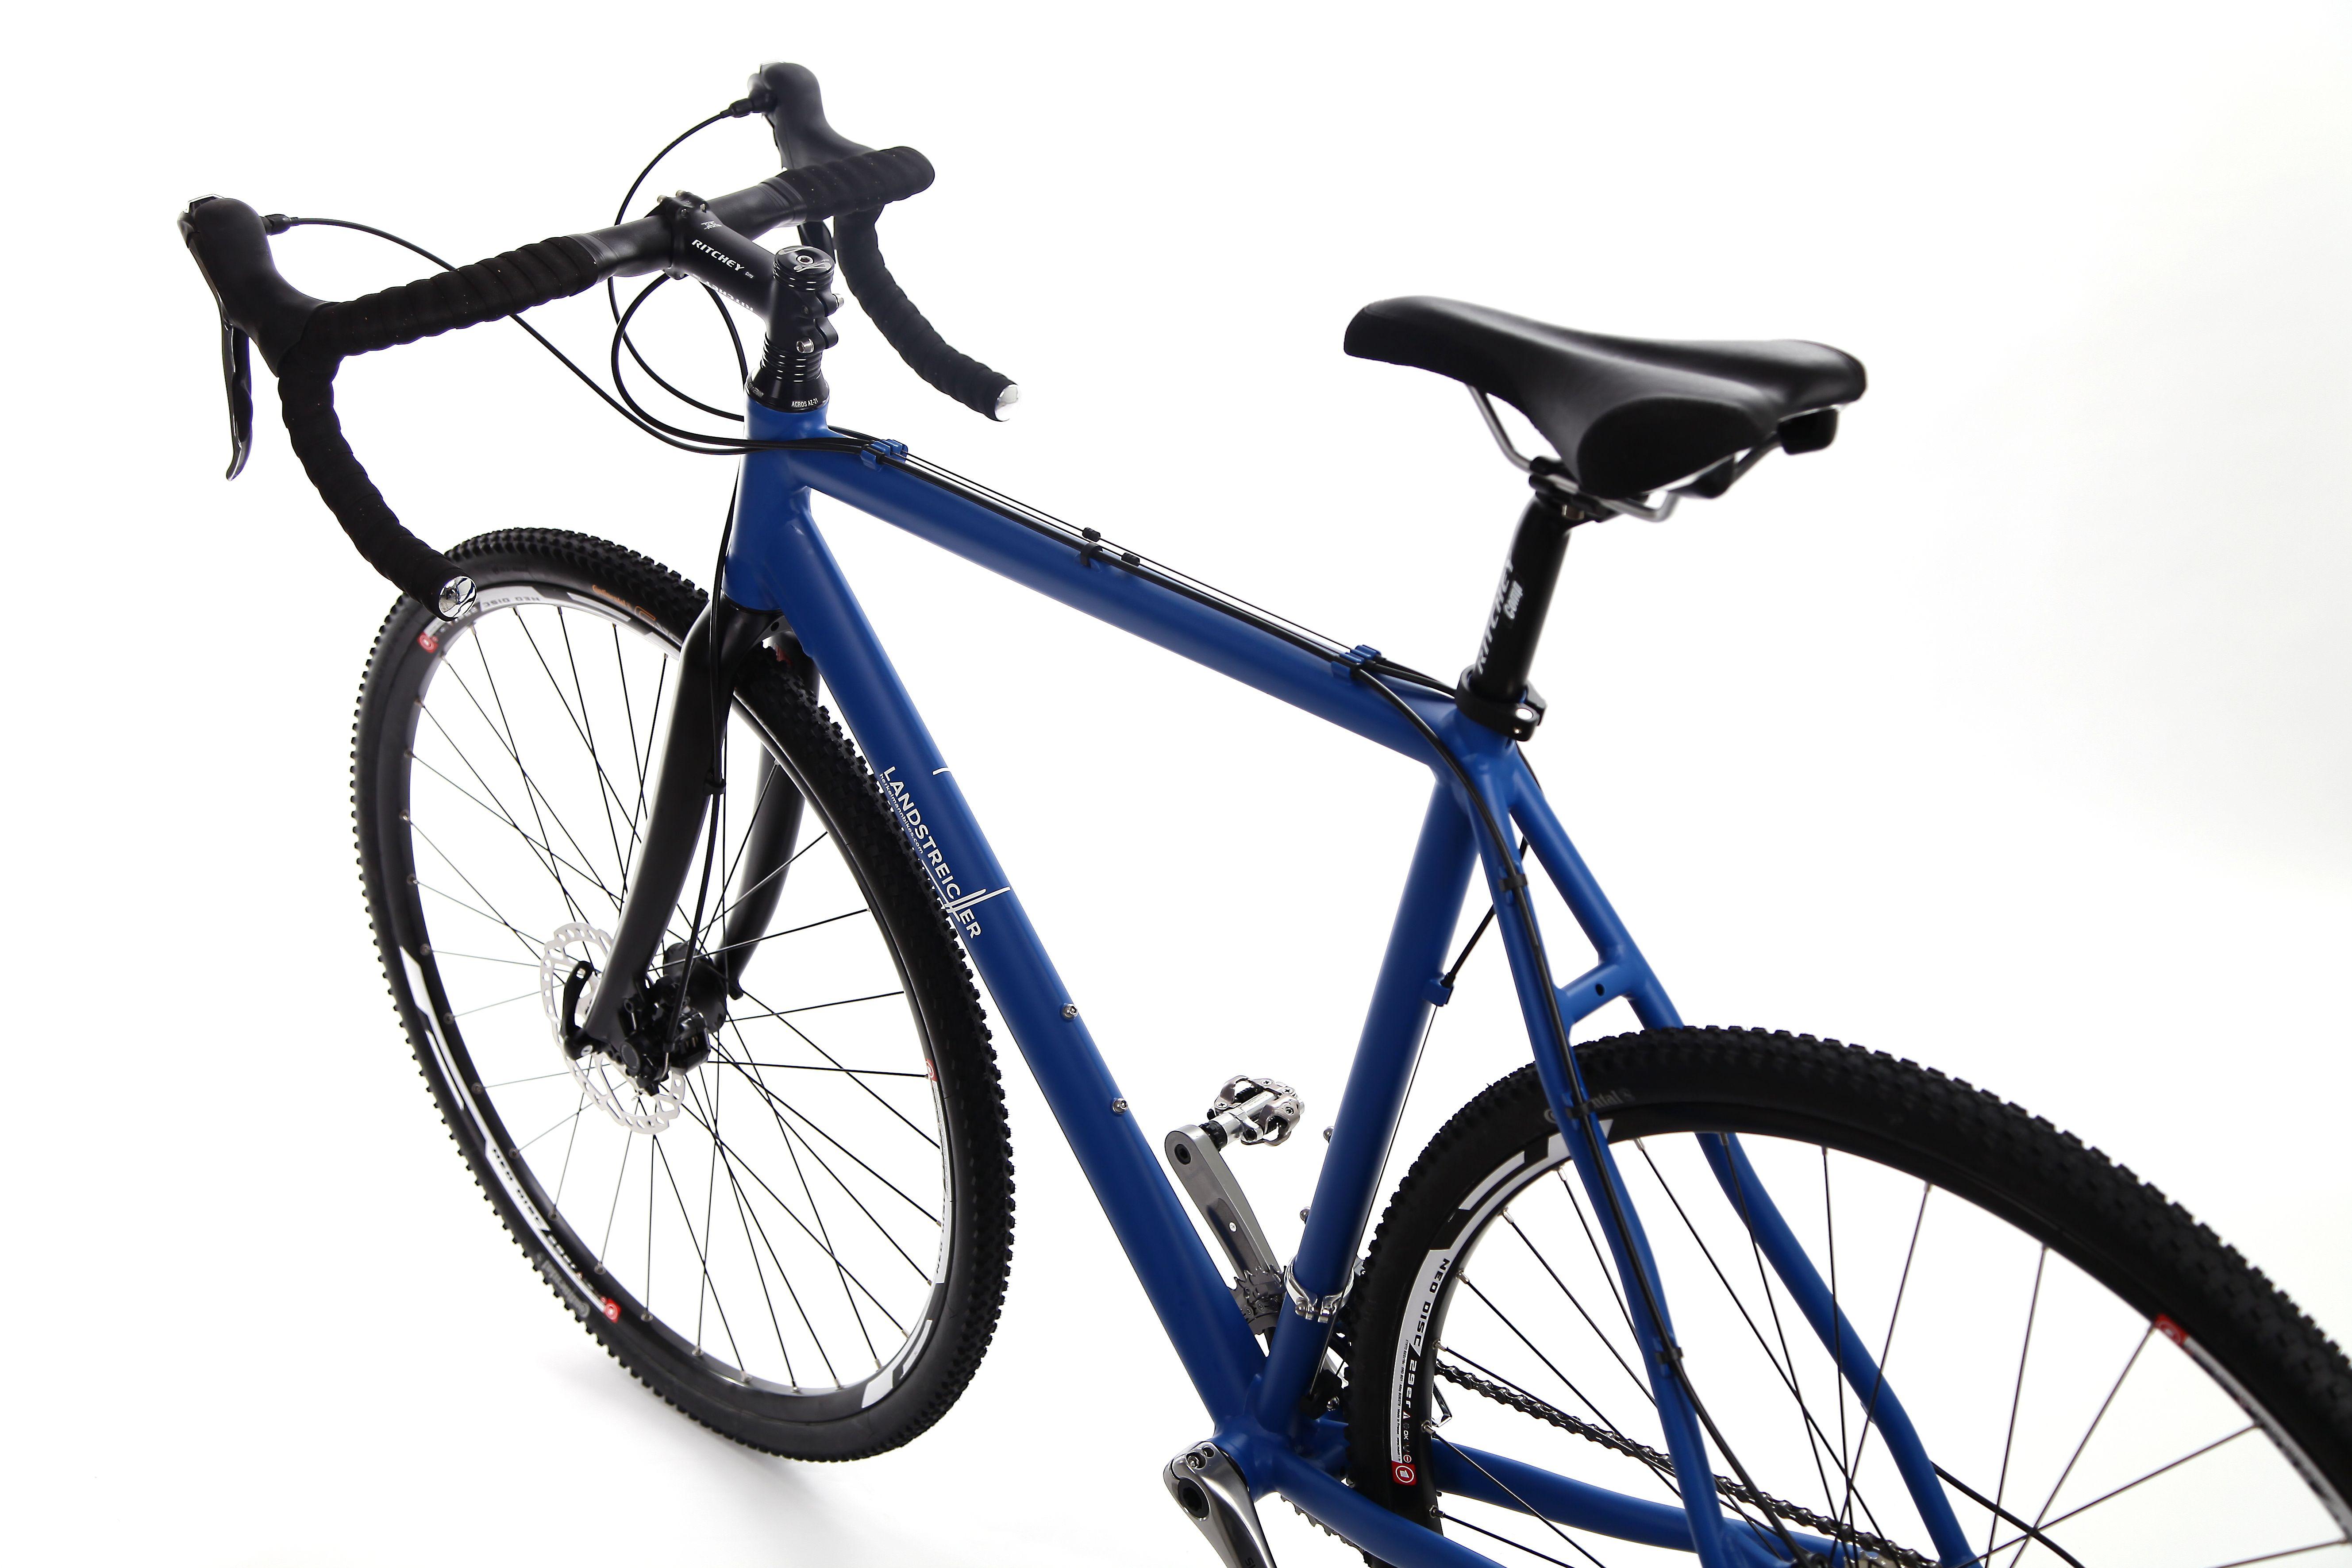 """Modell Landstreicher """"Jago"""" (Cyclocrosser) von Herkelmann Bikes"""